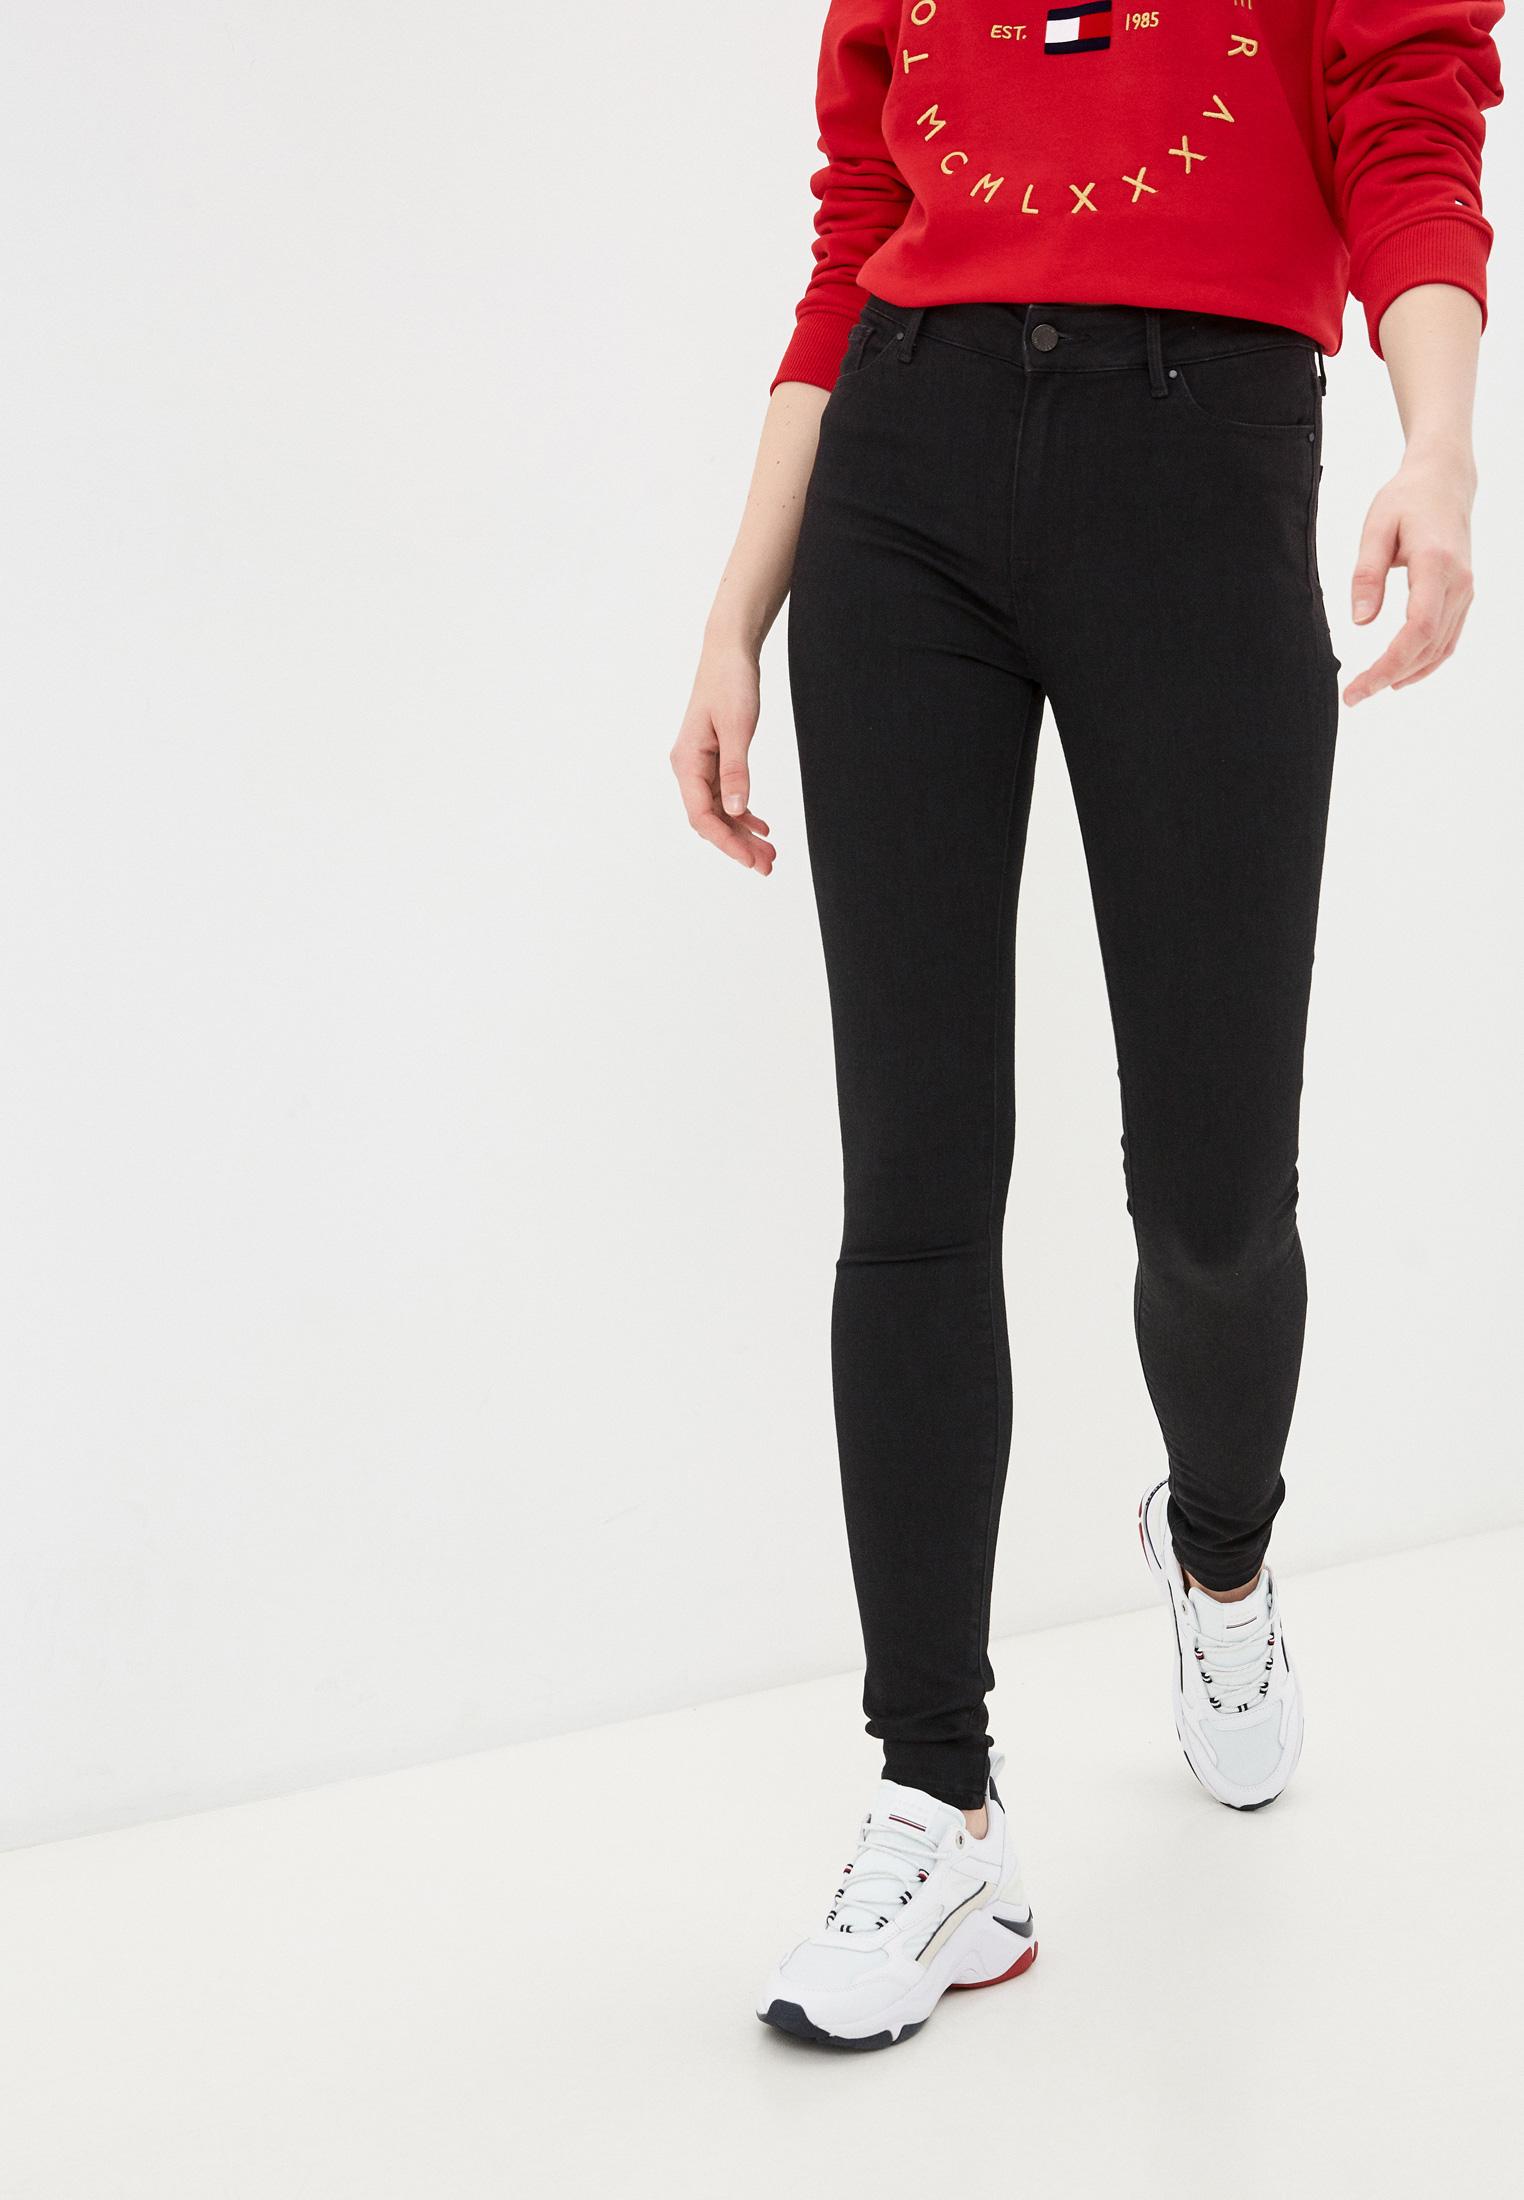 Зауженные джинсы Tommy Hilfiger (Томми Хилфигер) WW0WW28789: изображение 1